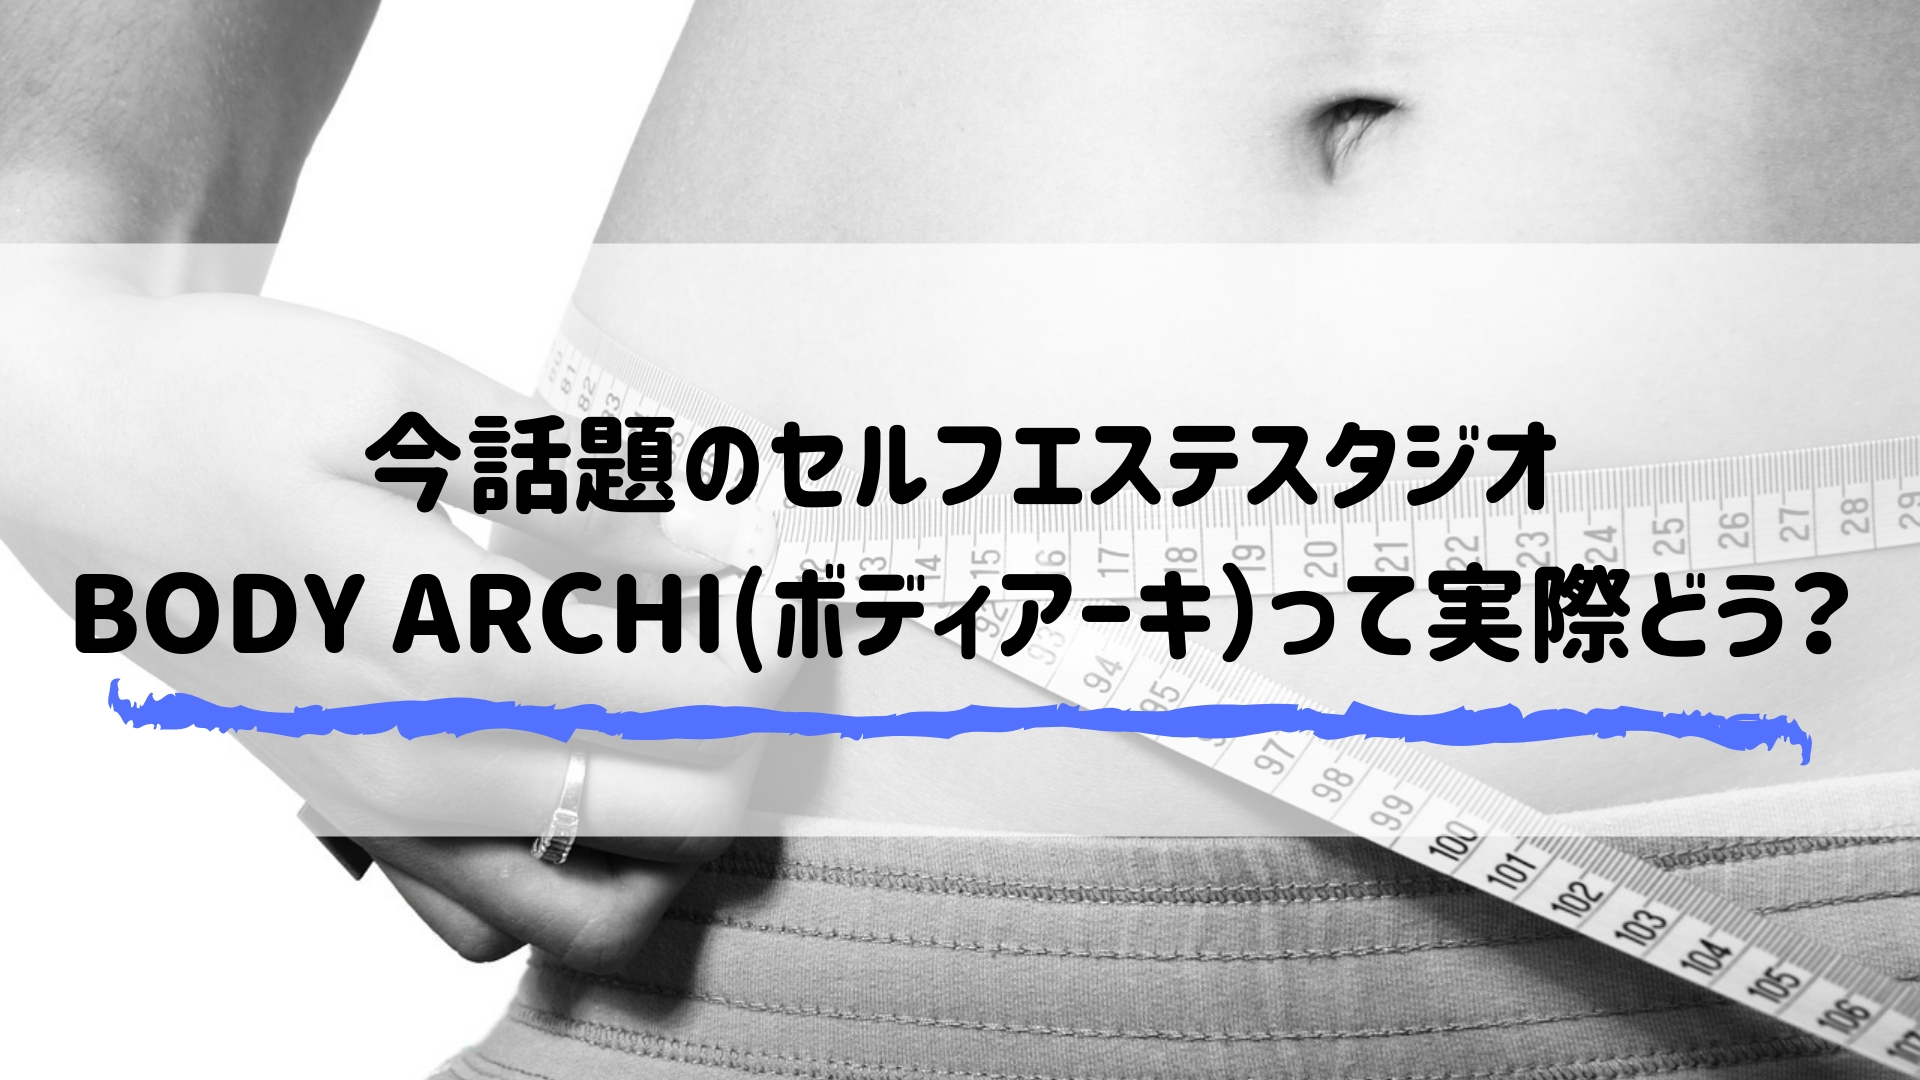 今話題のセルフエステスタジオ BODY ARCHI(ボディアーキ)って実際どう?